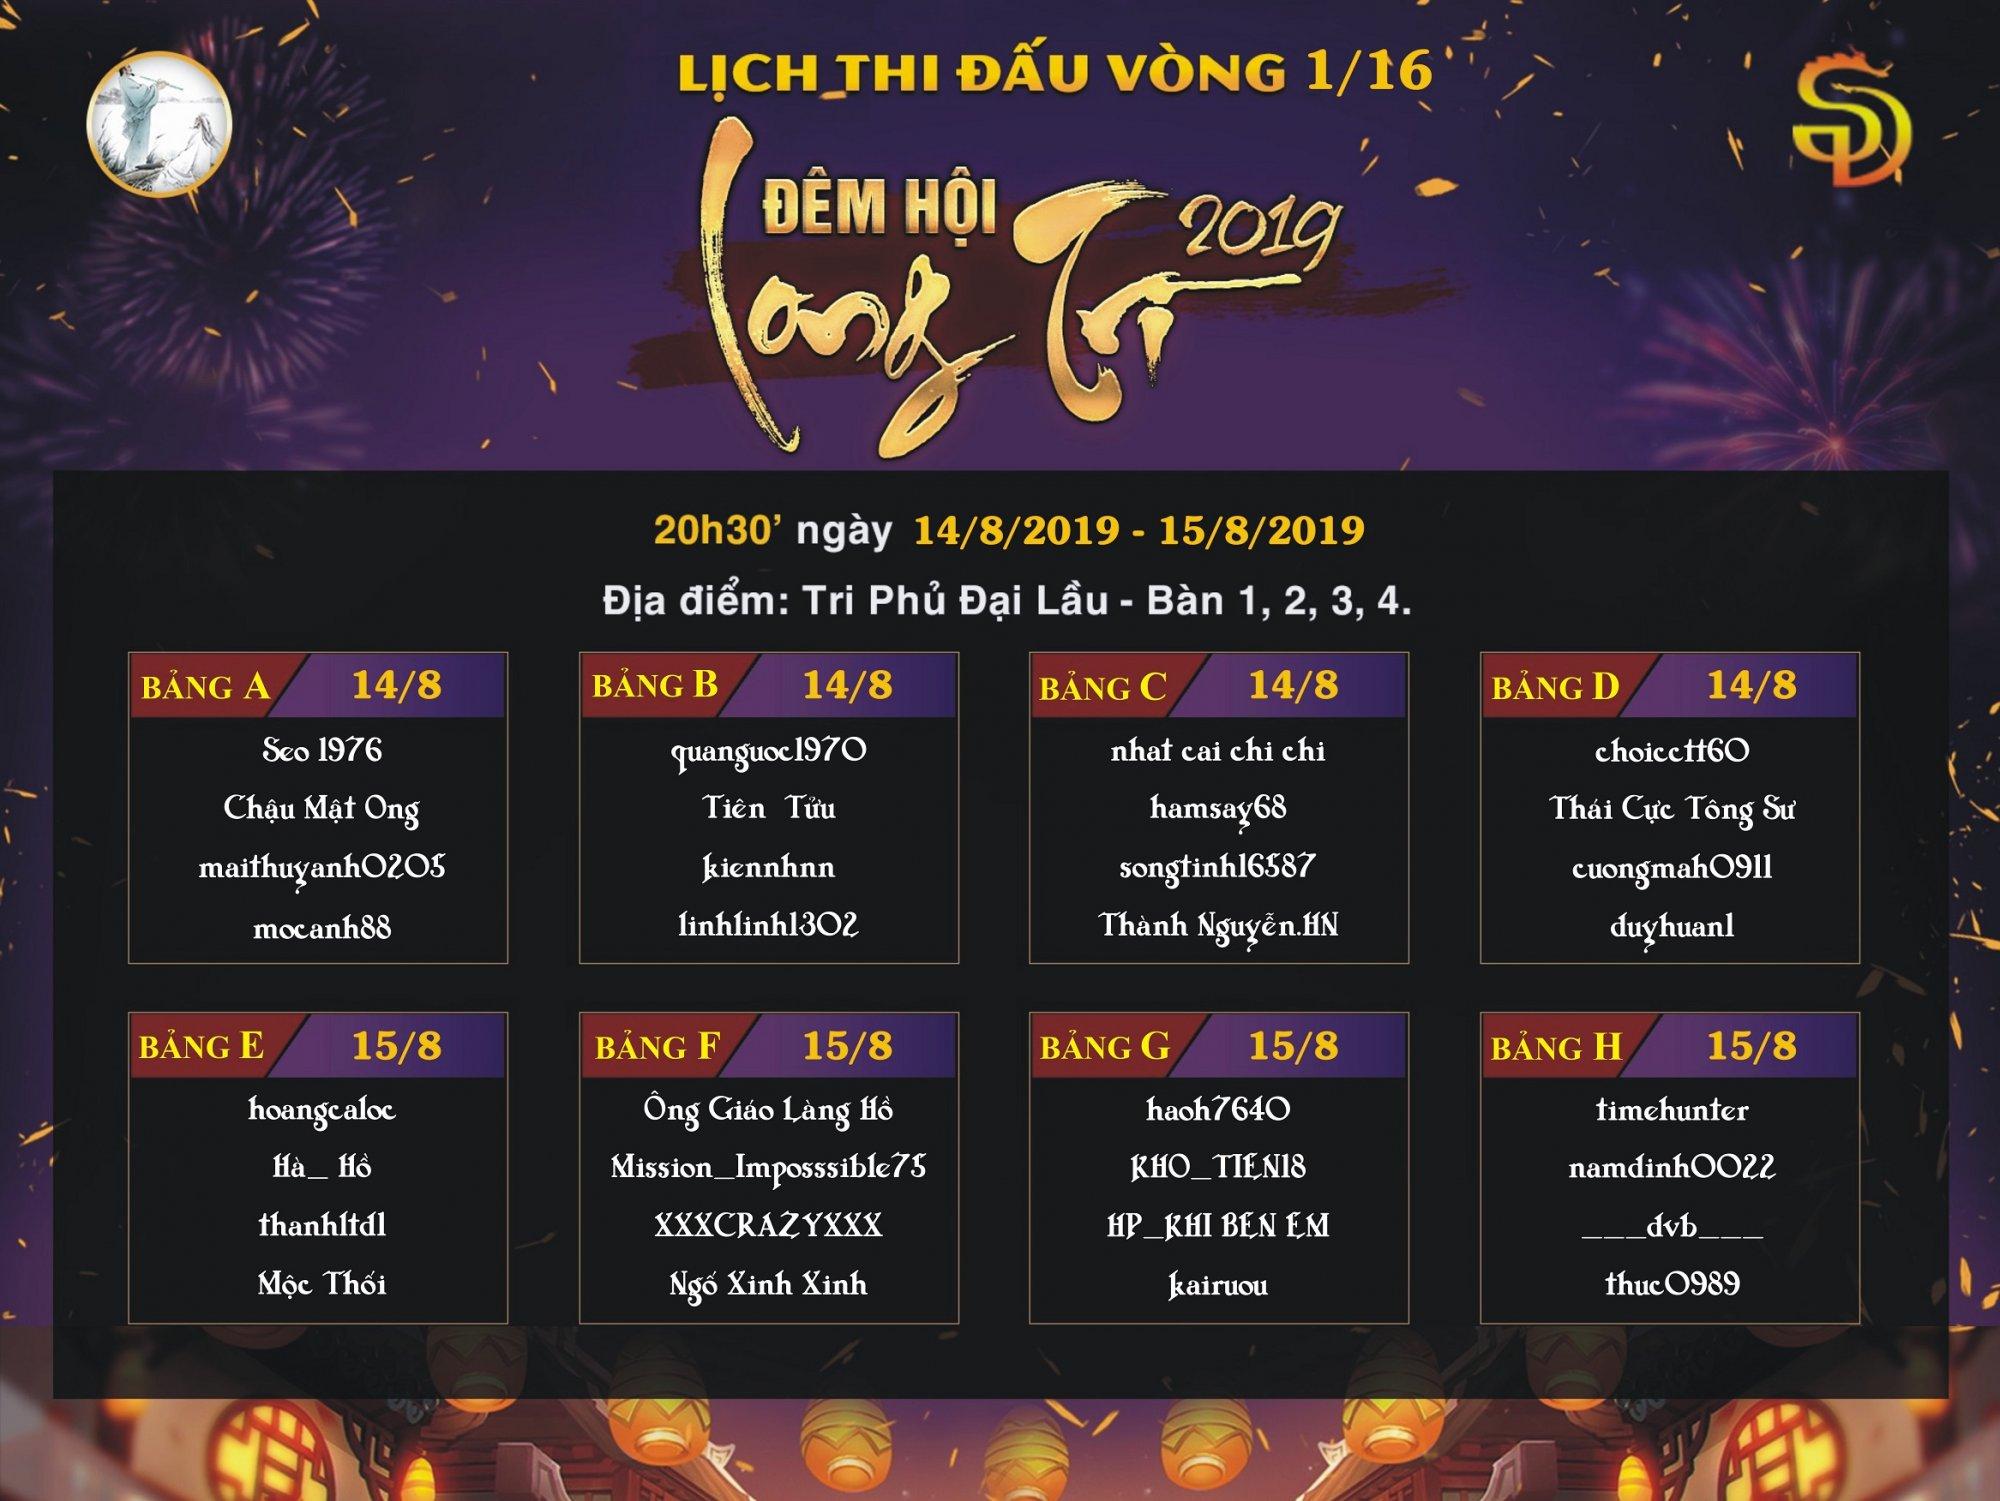 lich thi dau V3 - 08.14-15 (1).JPG